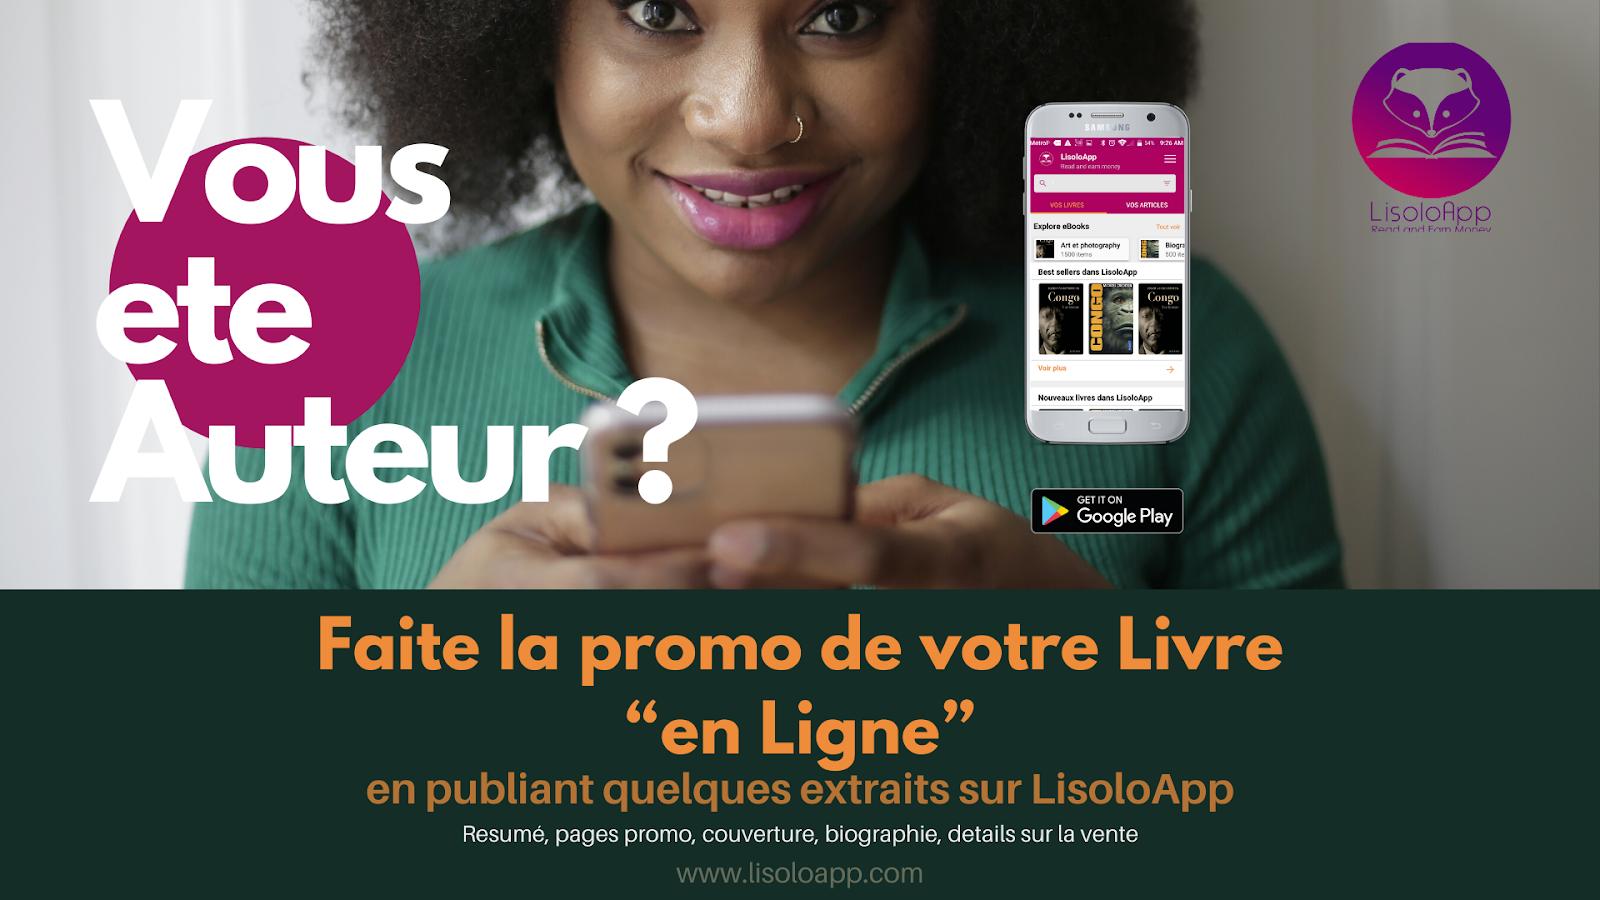 LisoloApp : promotion assurée des vos livres !